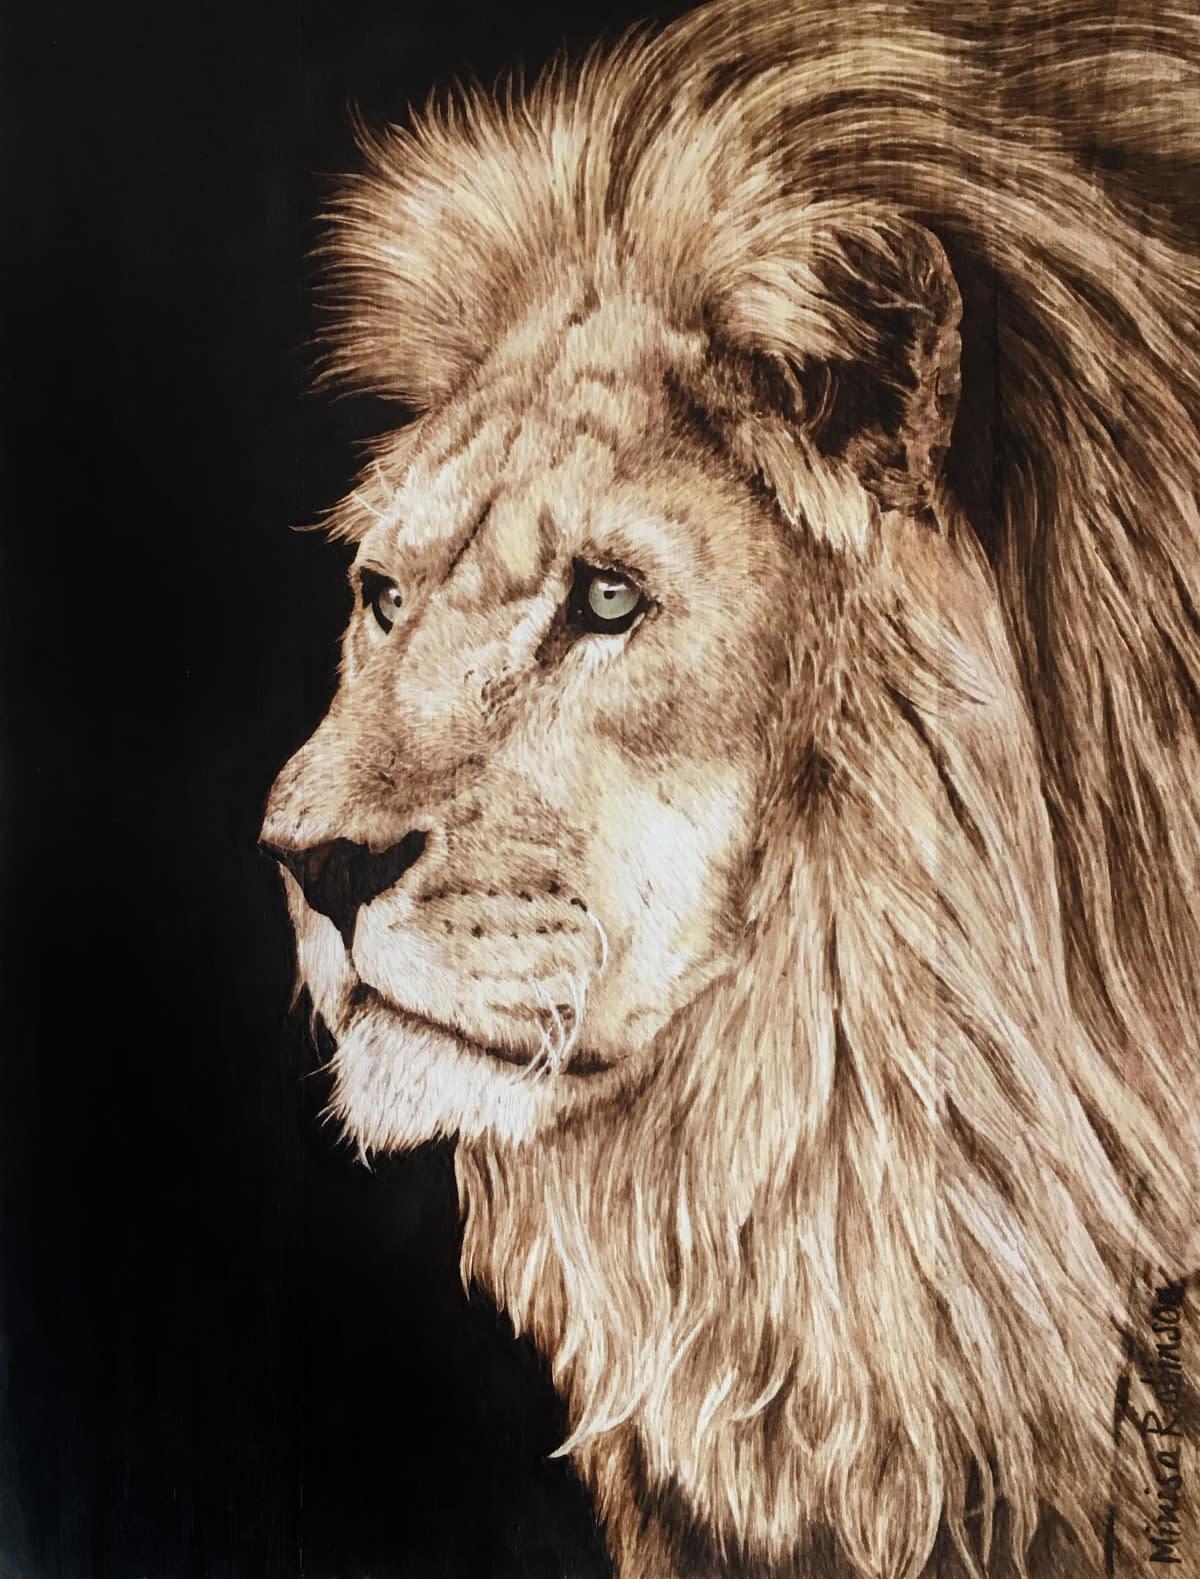 Lion 2 small qtqip0